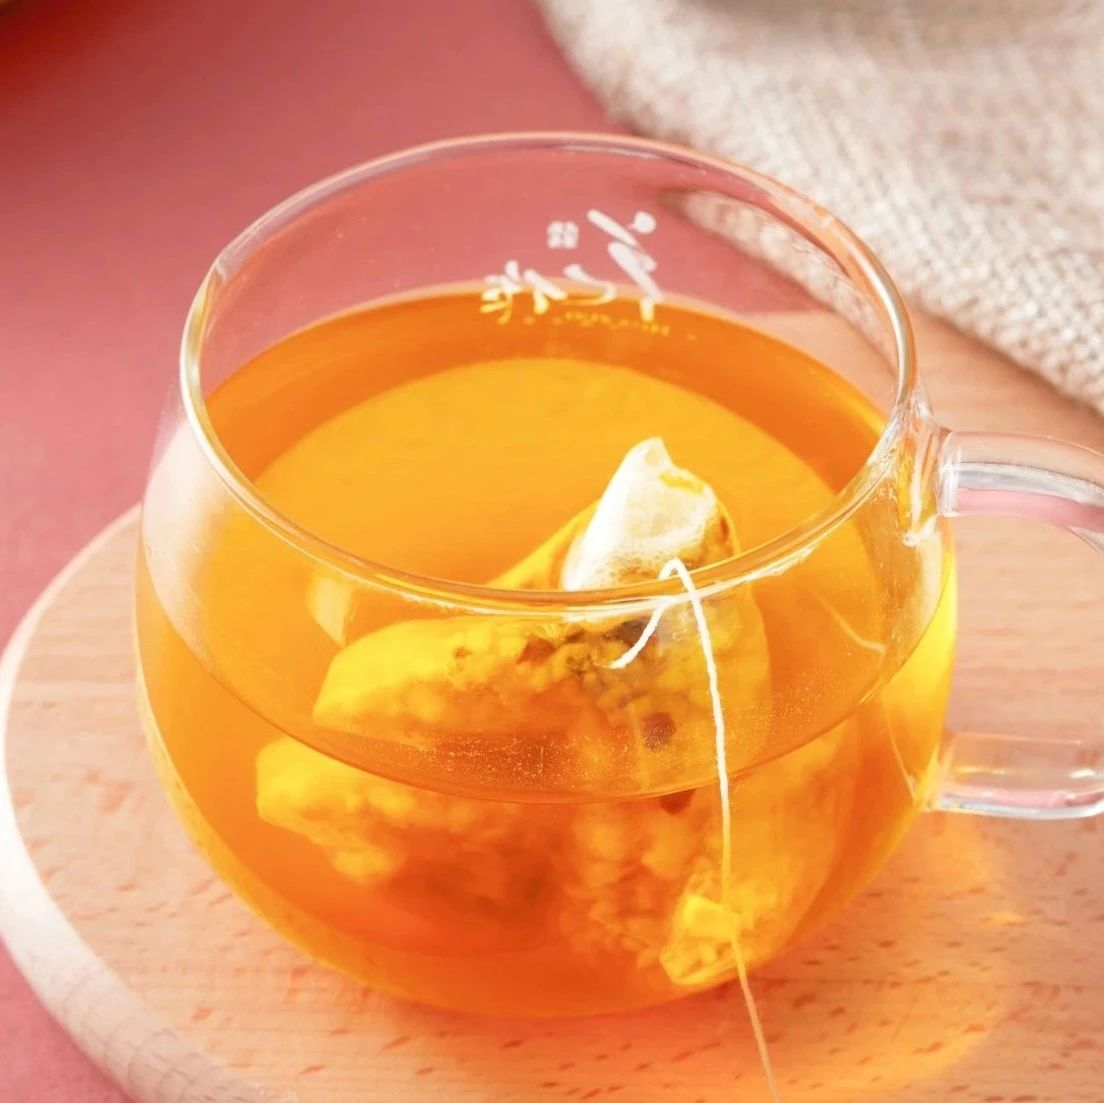 赤小豆、薏米等11种食材,做成一袋茶,一泡喝上一整天!